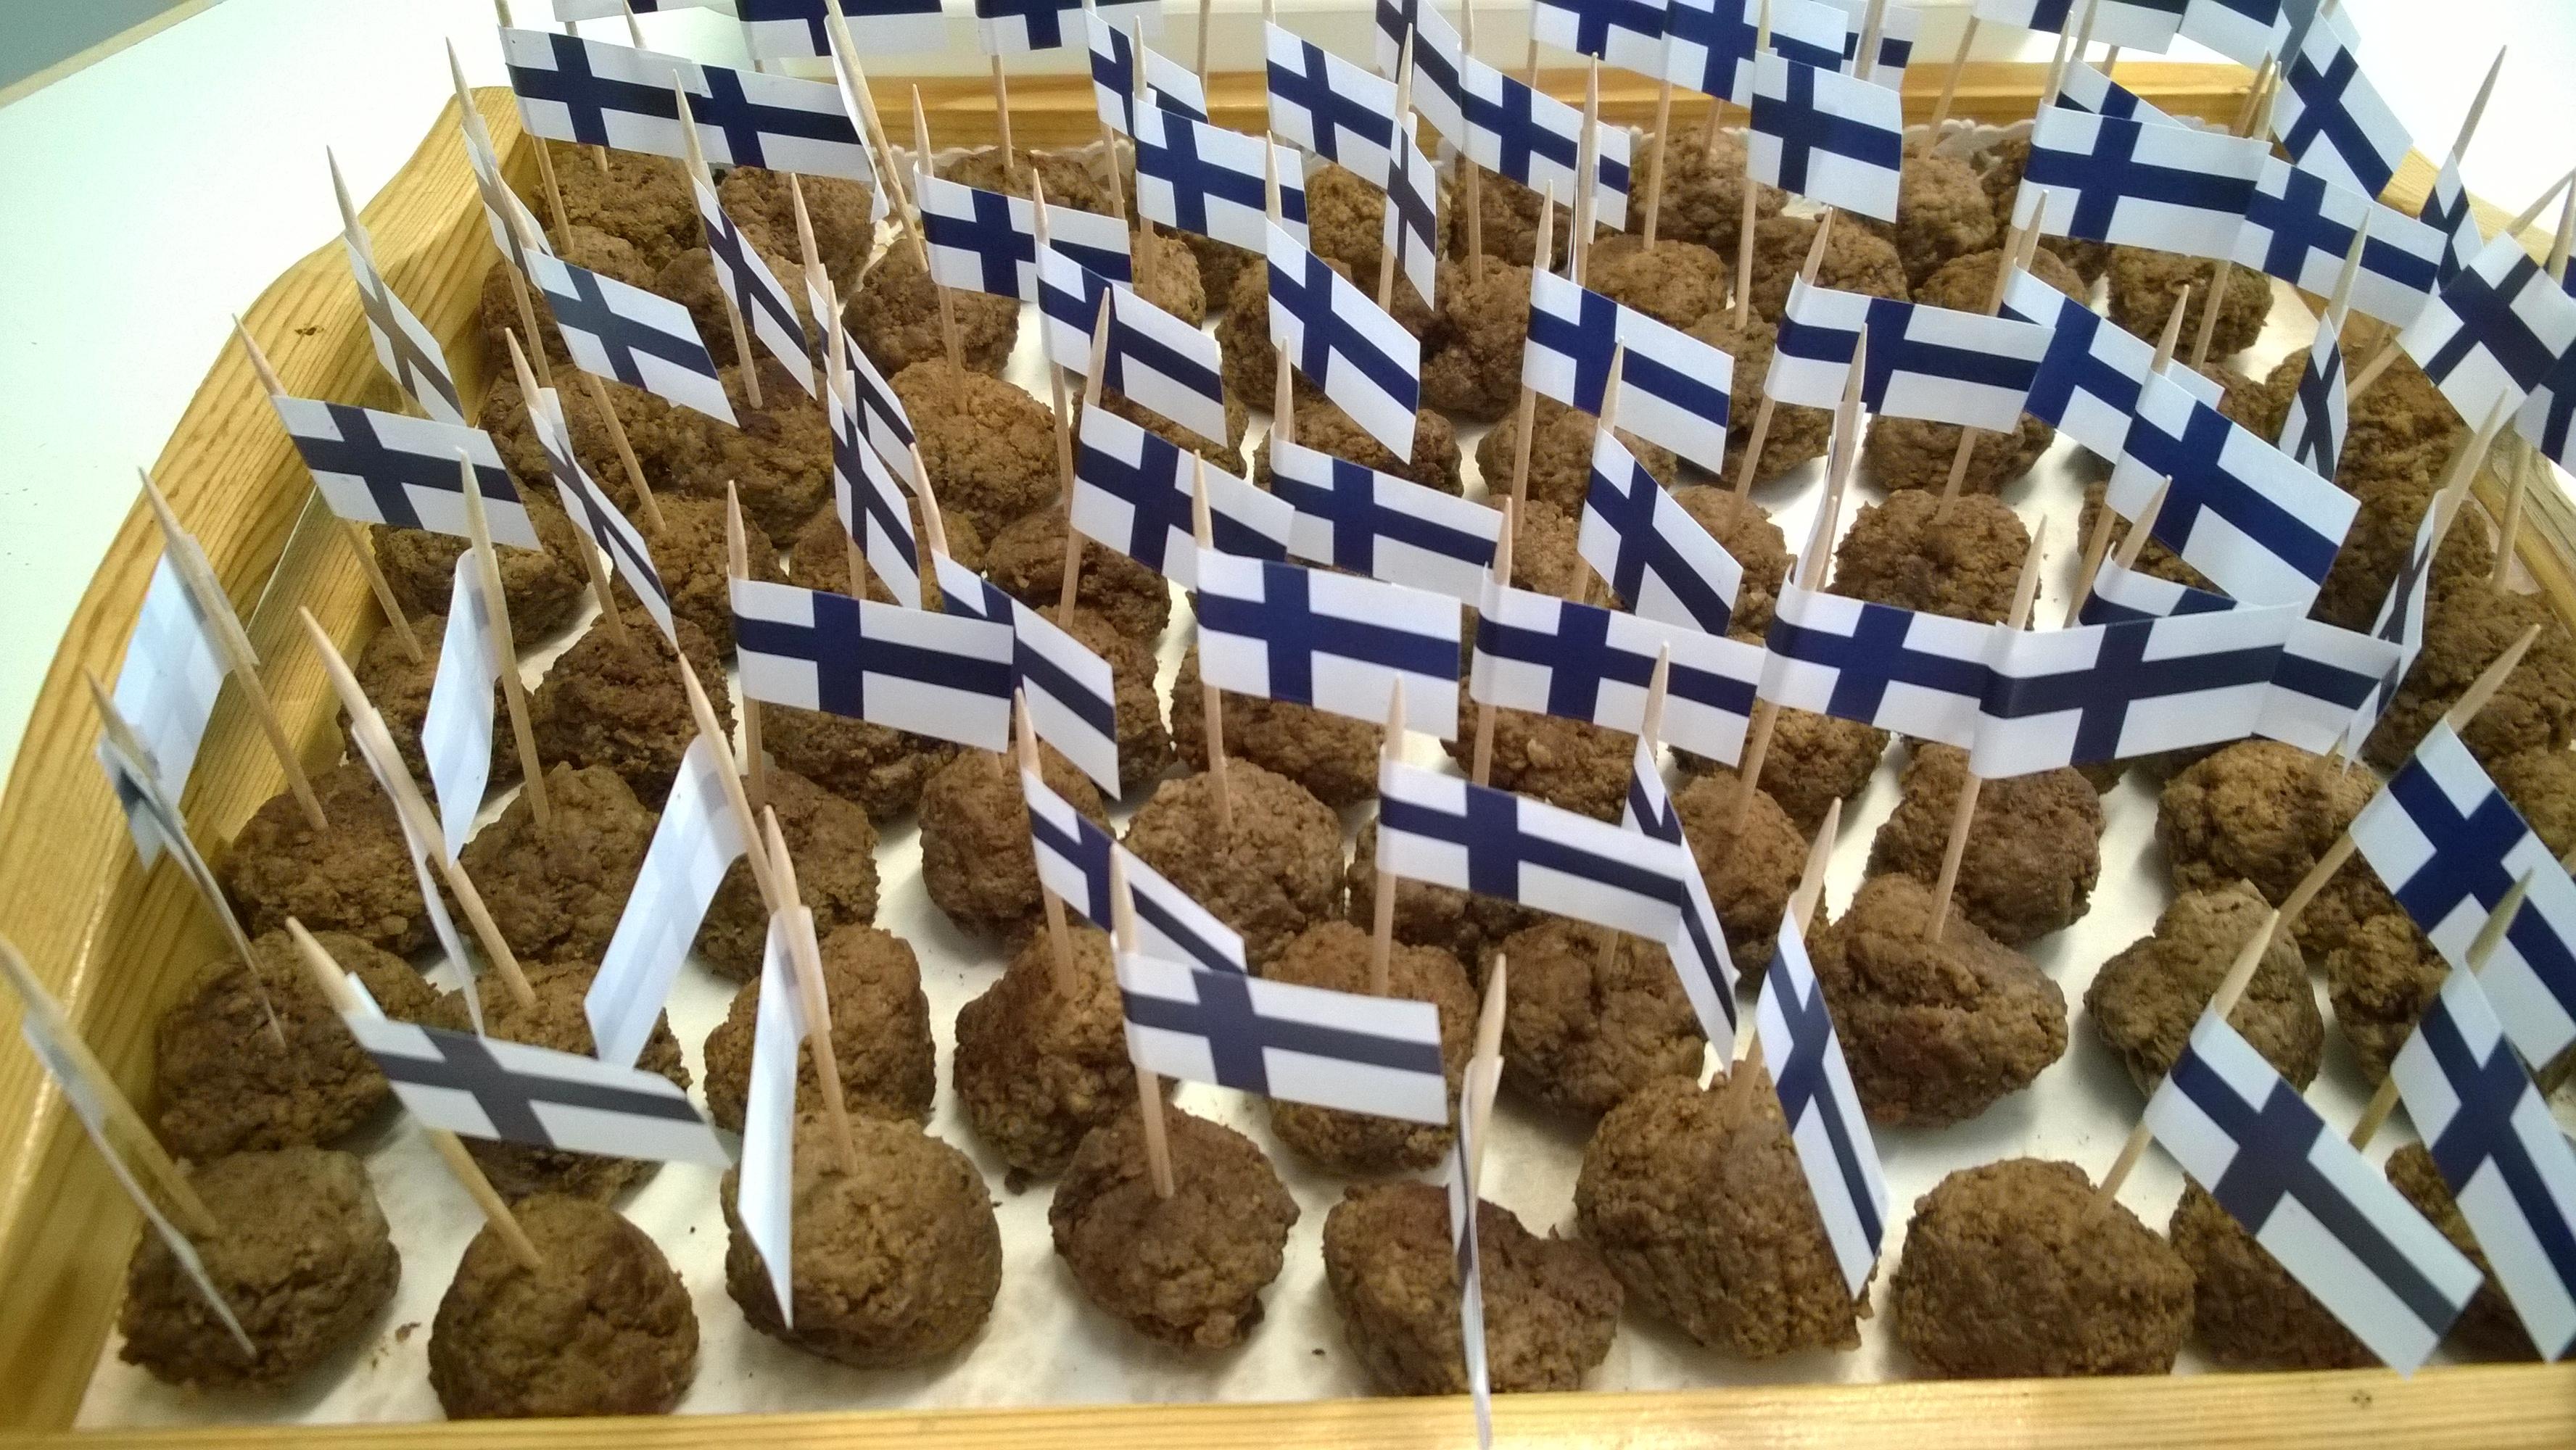 Innalanmäen Tilan ylämaankarjan lihapullat- Suomi 100 vuotta